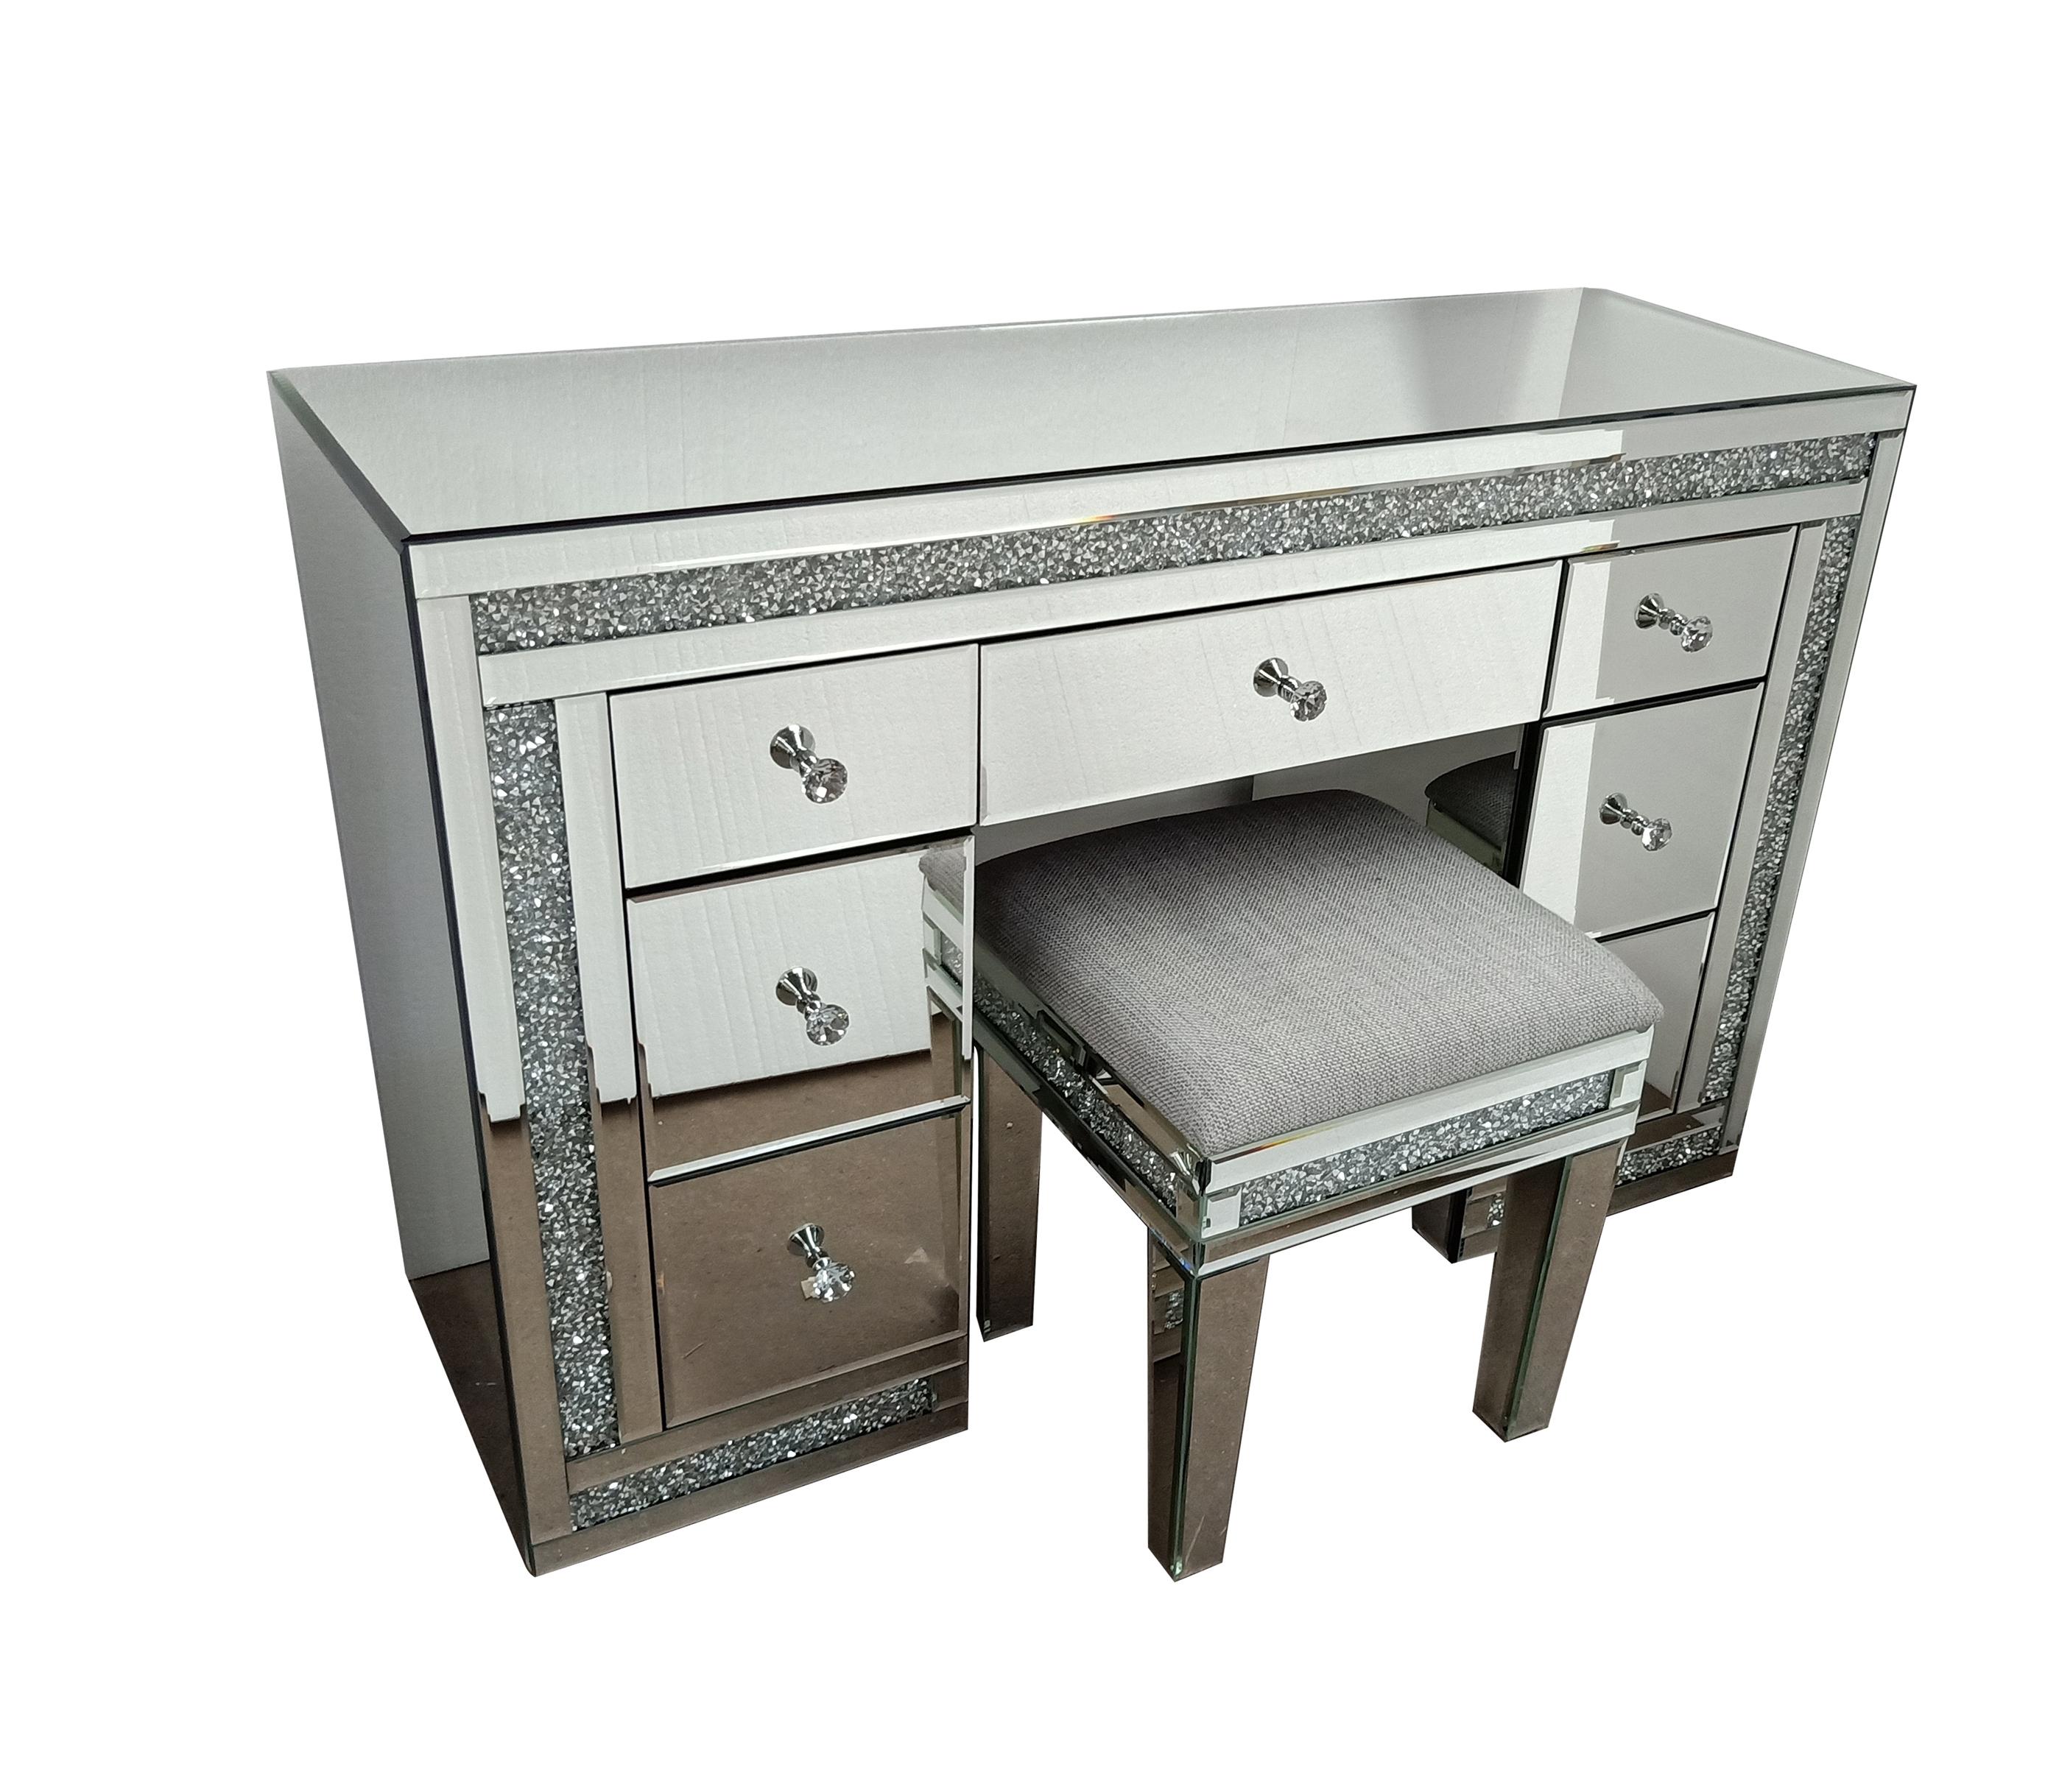 Shenzhen MR Furniture U0026 Decor Co., Limited